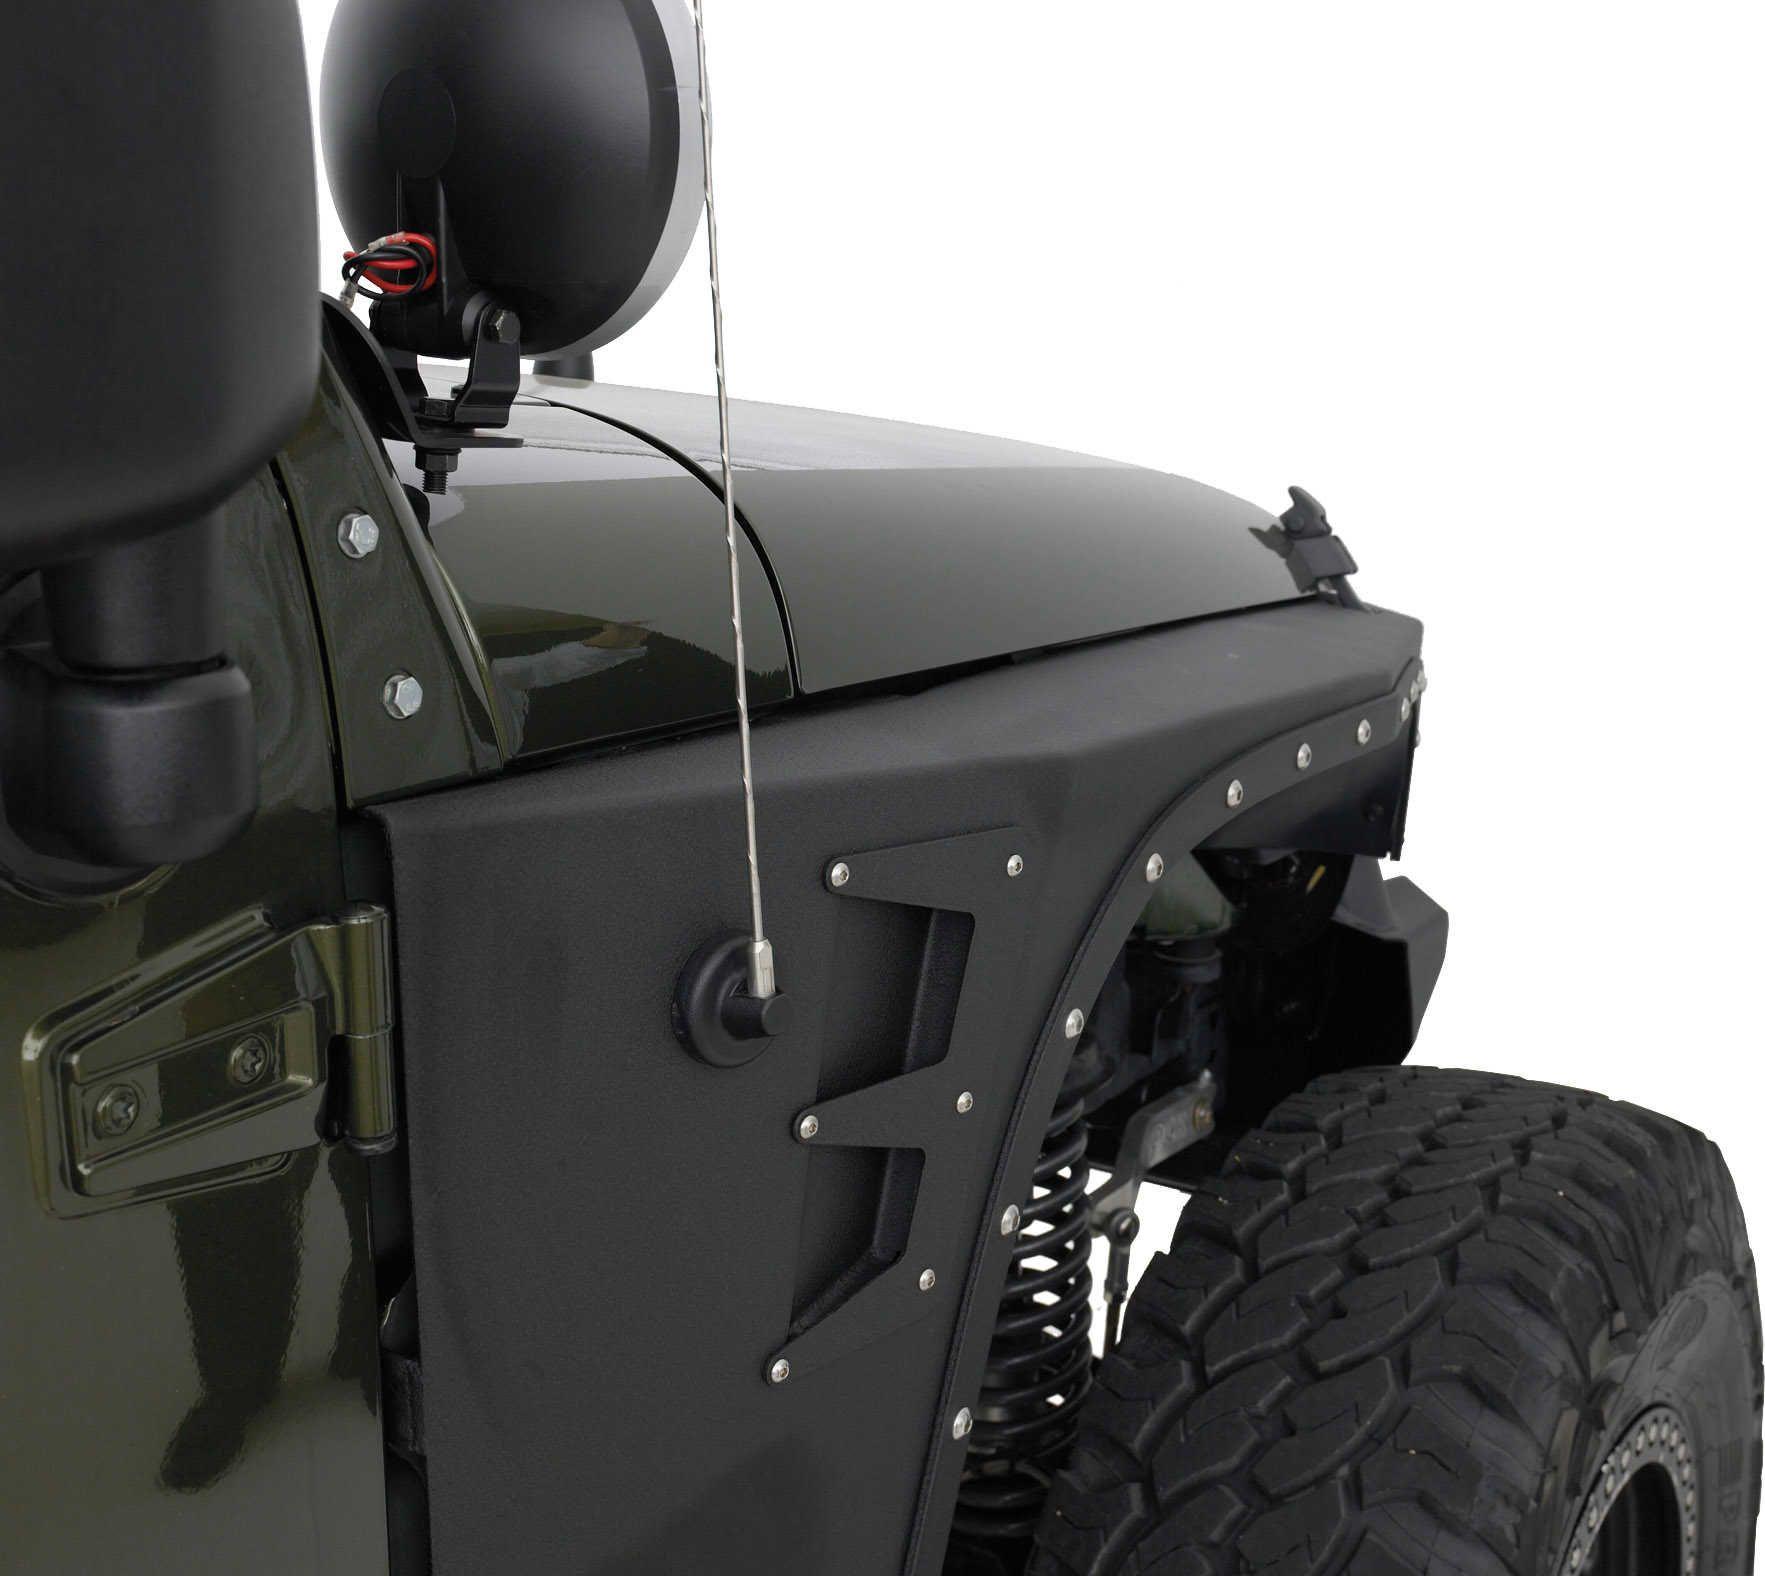 Smittybilt 76880 XRC Armor Front Fenders for 07-17 Jeep® Wrangler &  Wrangler Unlimited JK   Quadratec